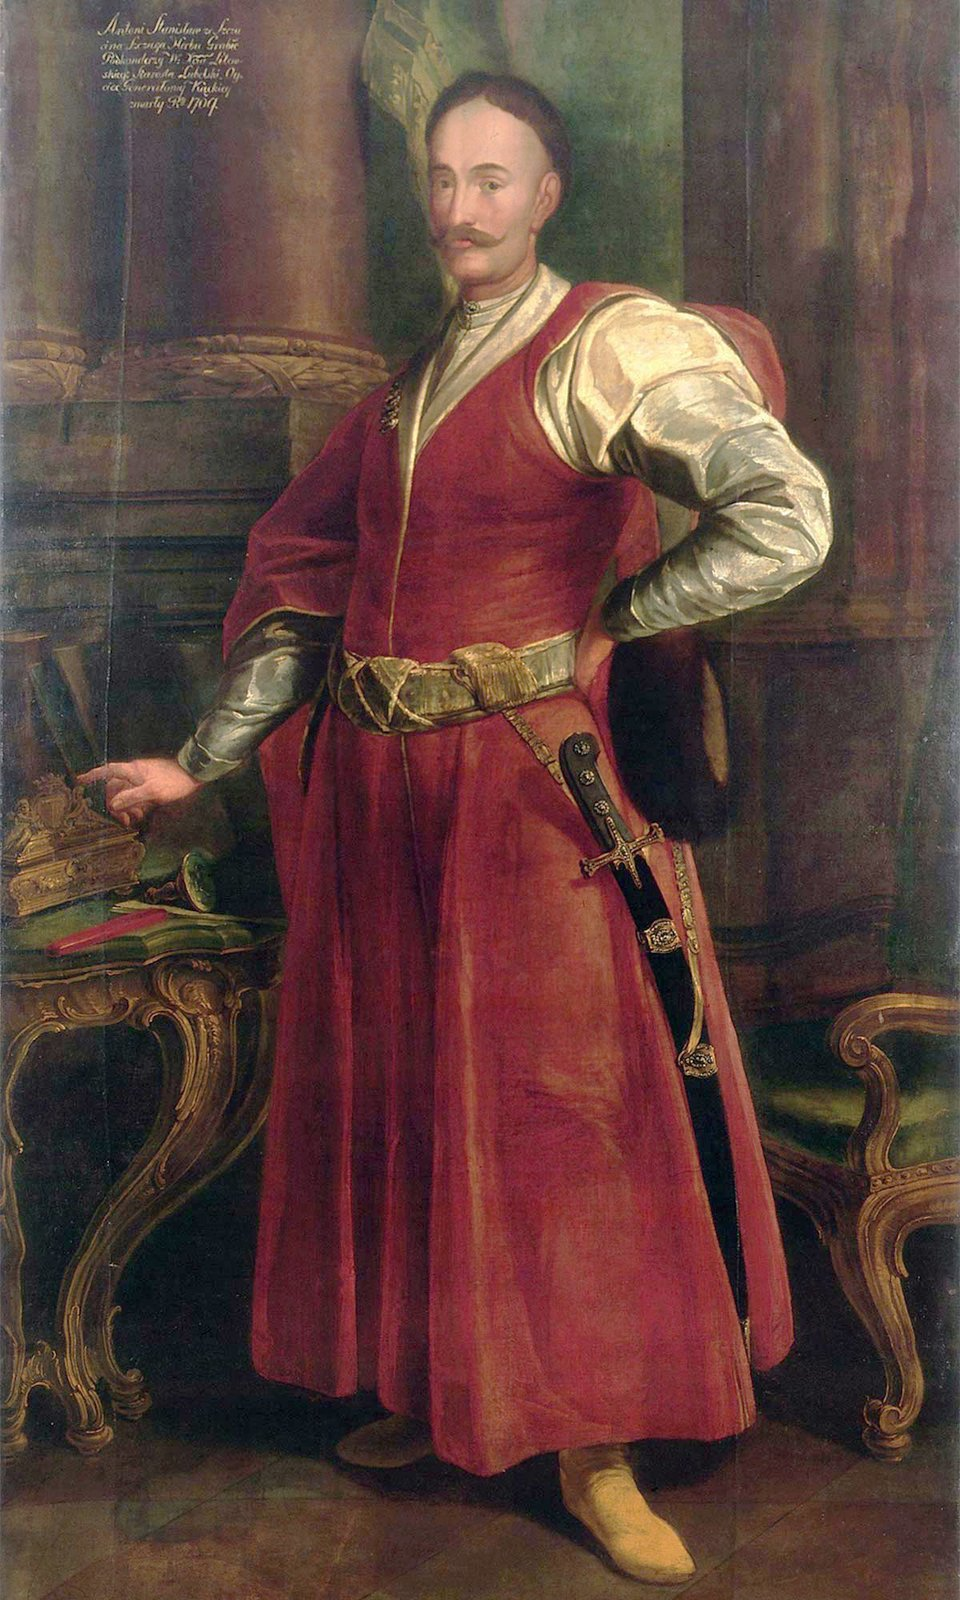 PortretStanisława Antoniego Szczuki PortretStanisława Antoniego Szczuki Źródło: 1735-1740, olej na płótnie, Muzeum Pałacu Króla Jana III wWilanowie, domena publiczna.